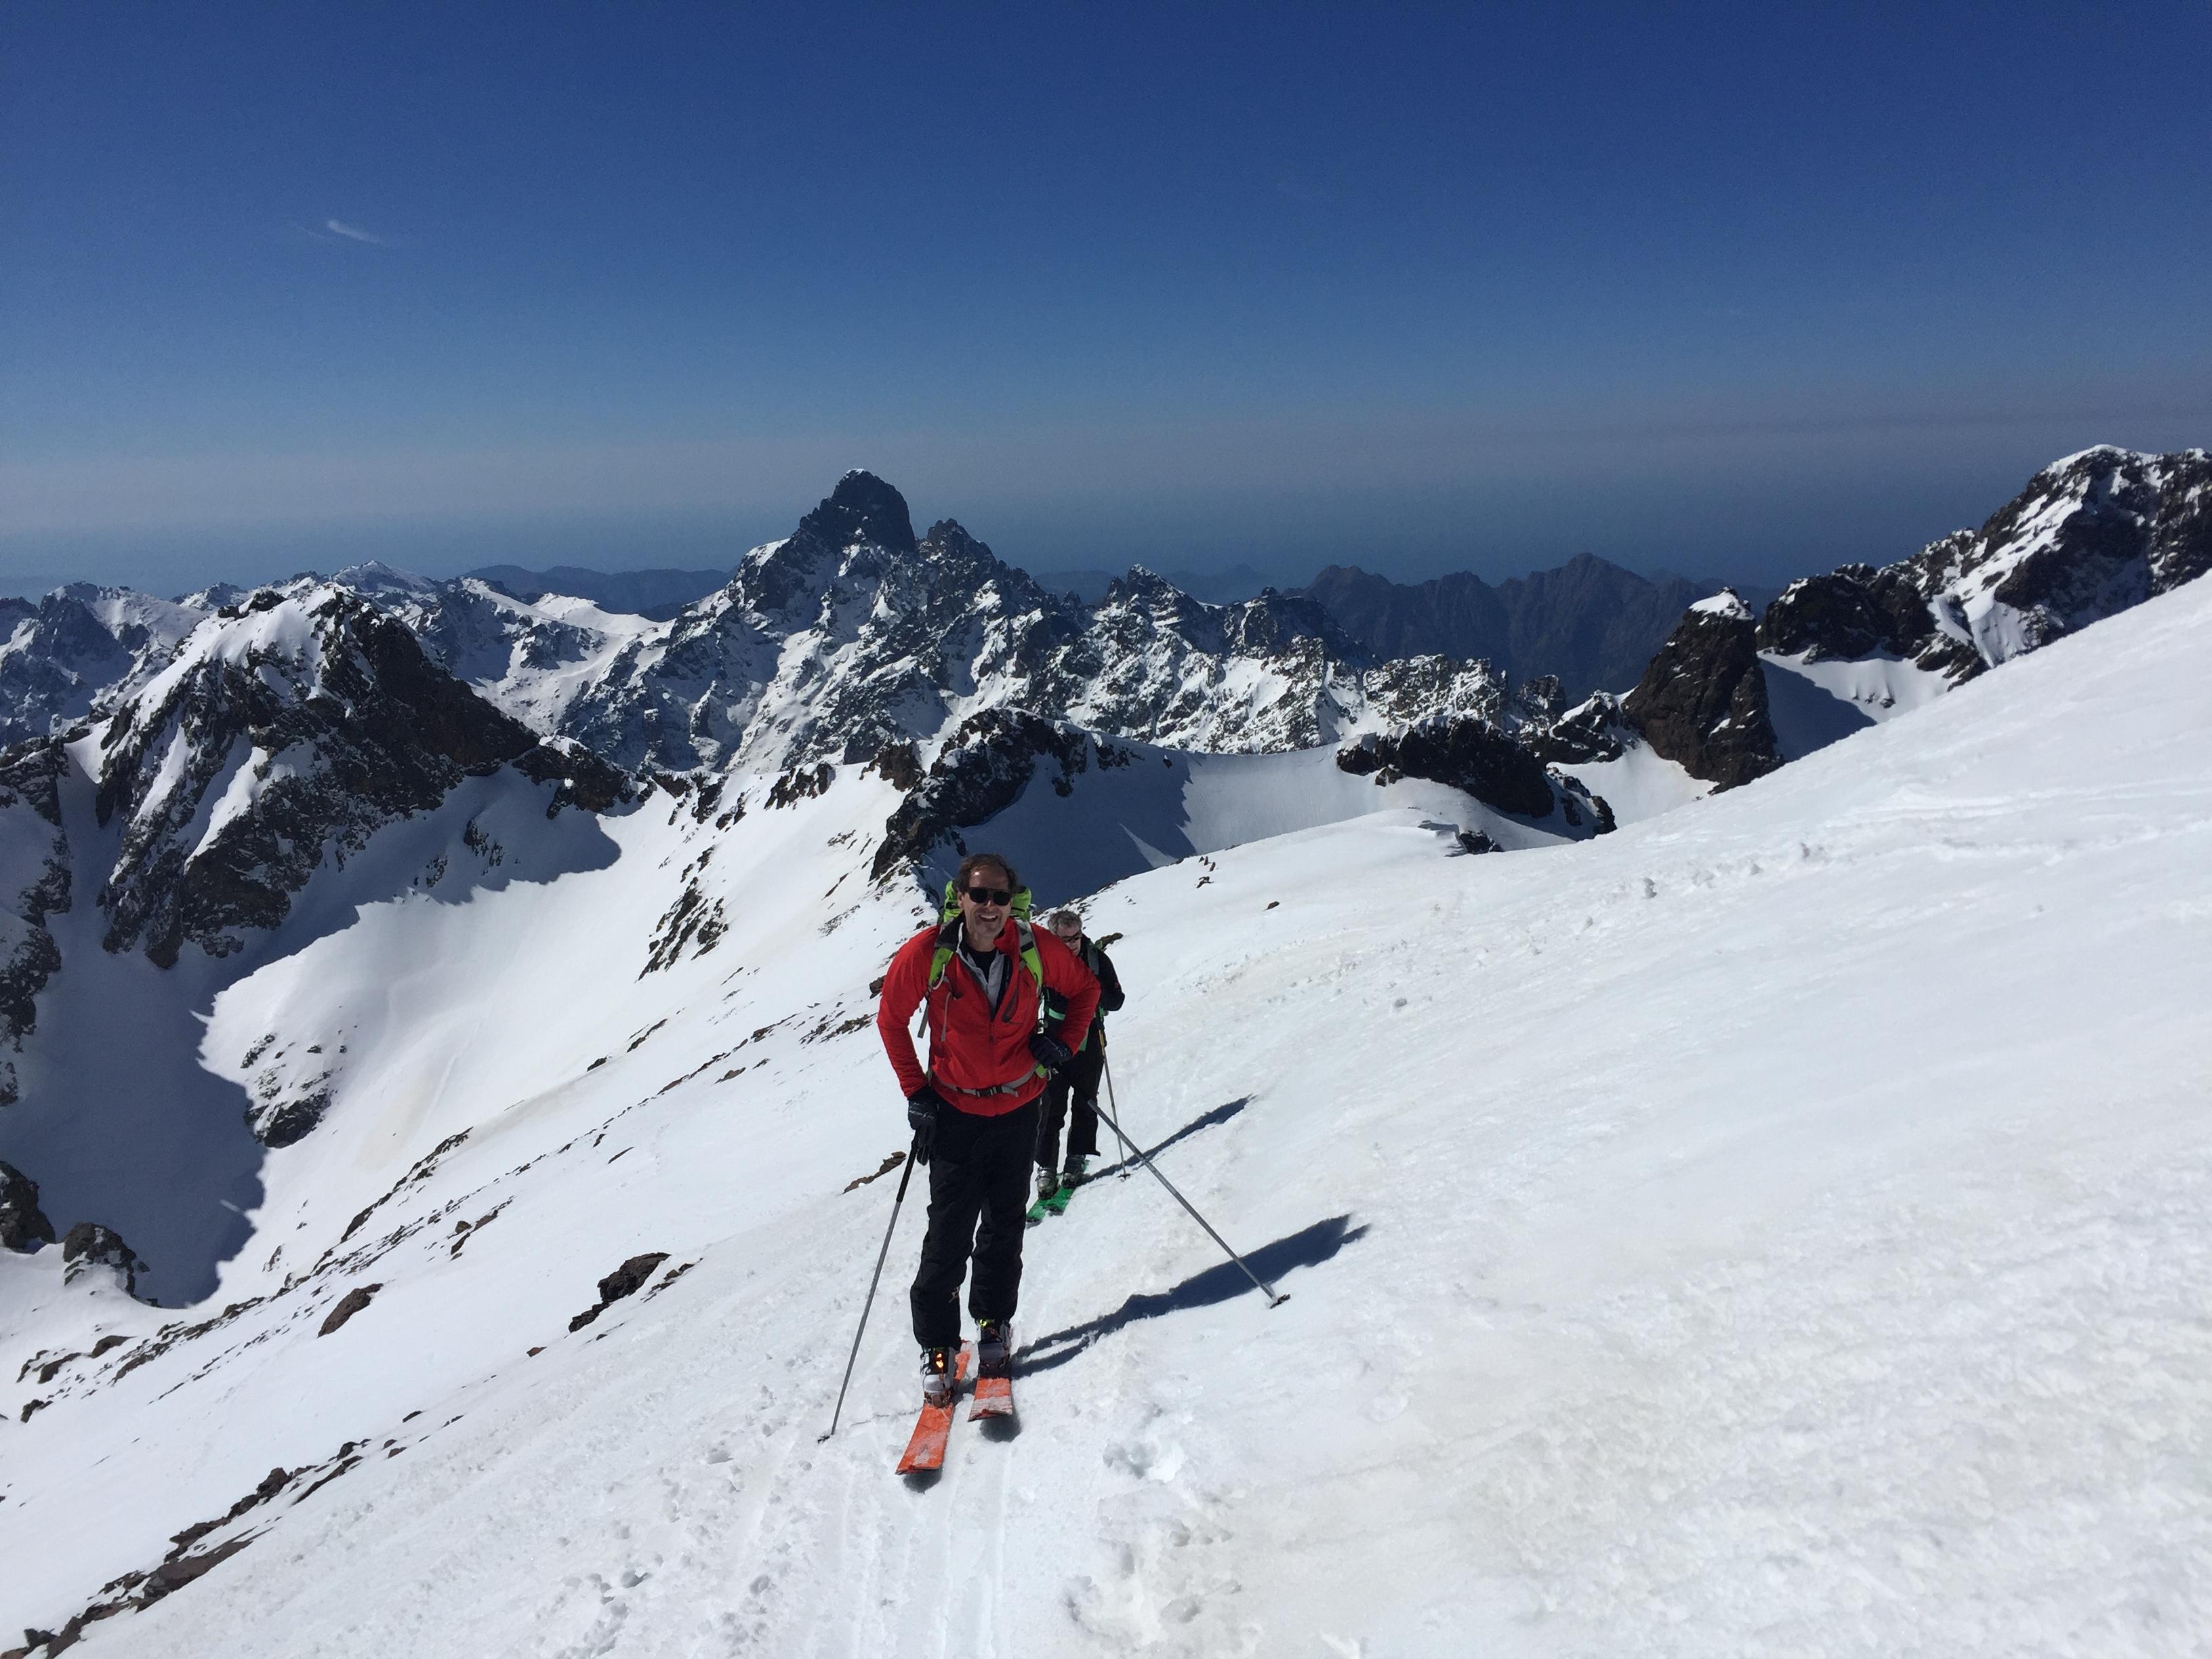 Pointe des Éboulis en ski